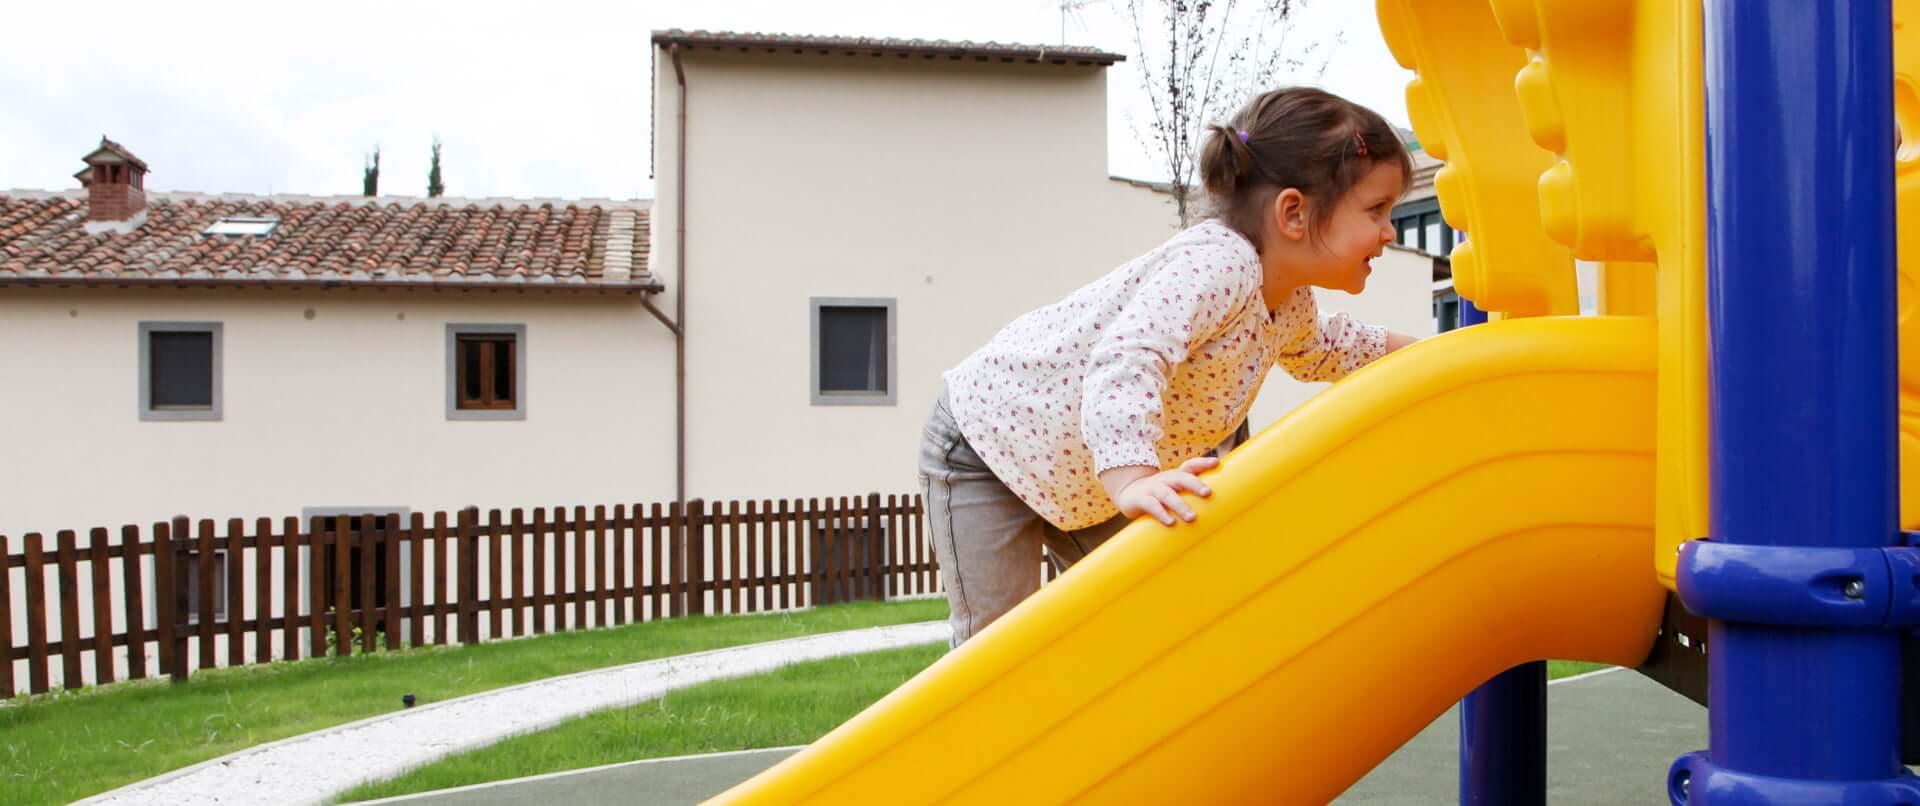 Bambina che gioca sullo scivolo